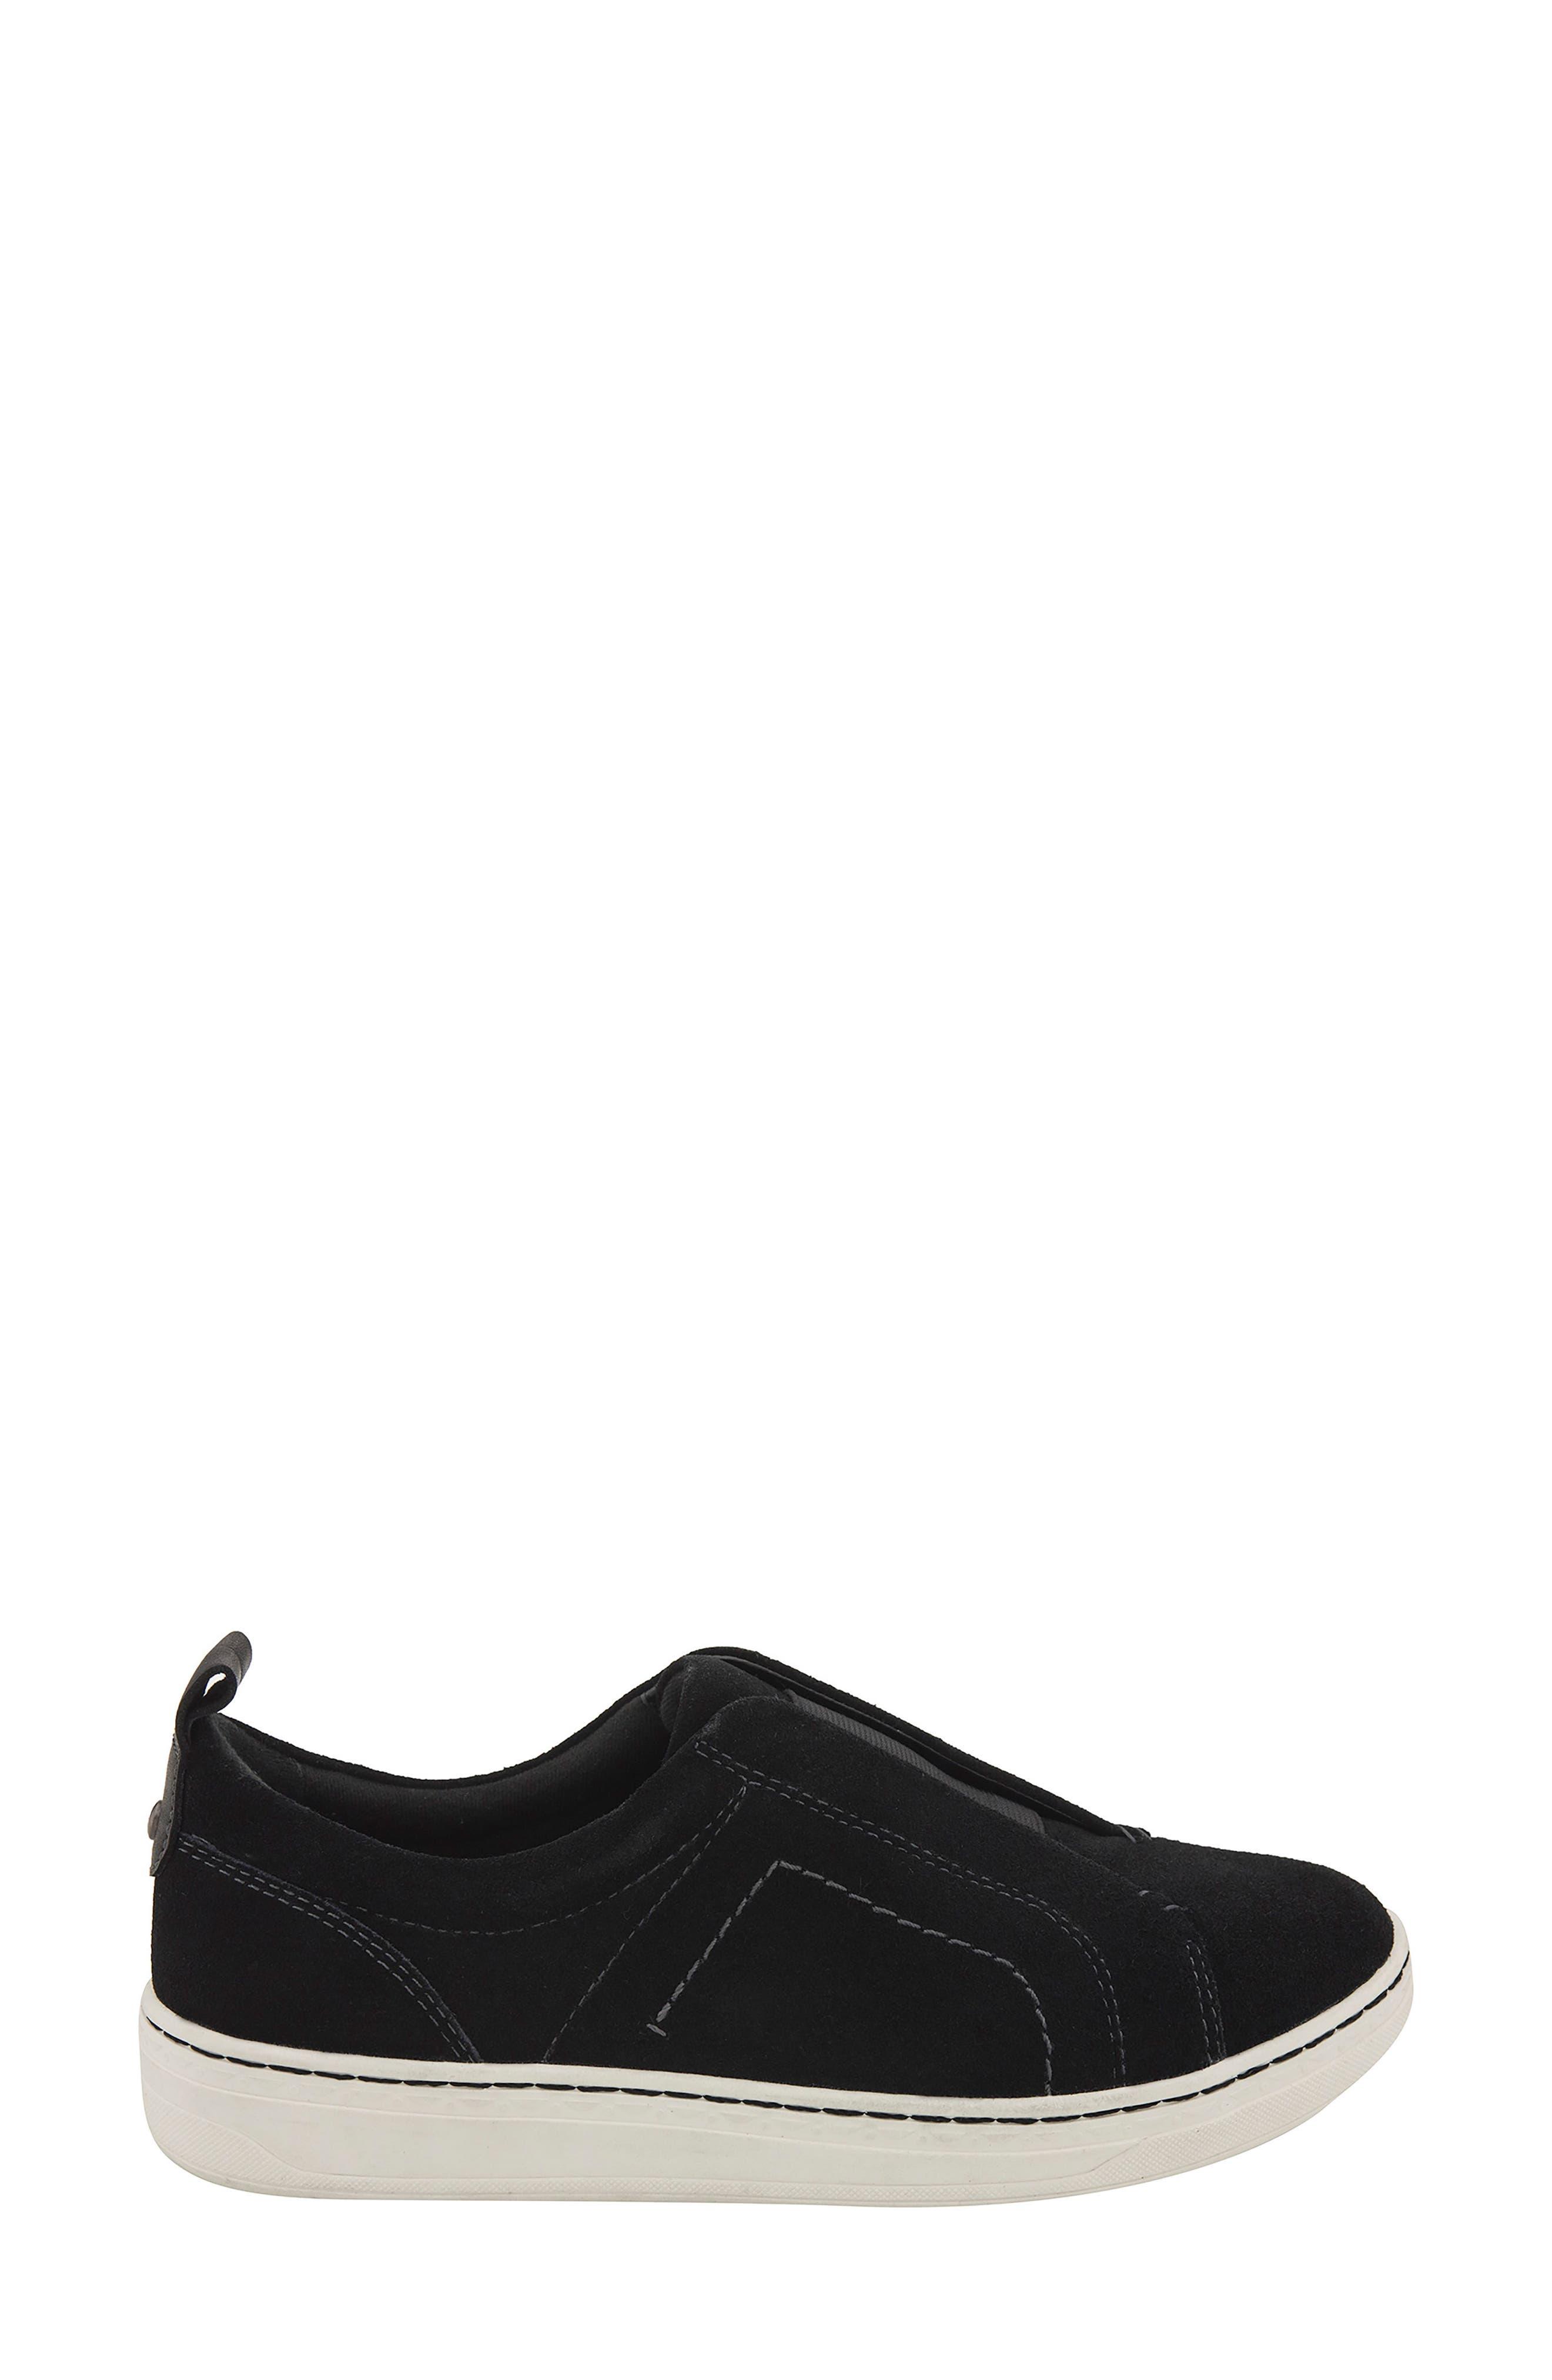 Zetta Slip-On Sneaker,                             Alternate thumbnail 7, color,